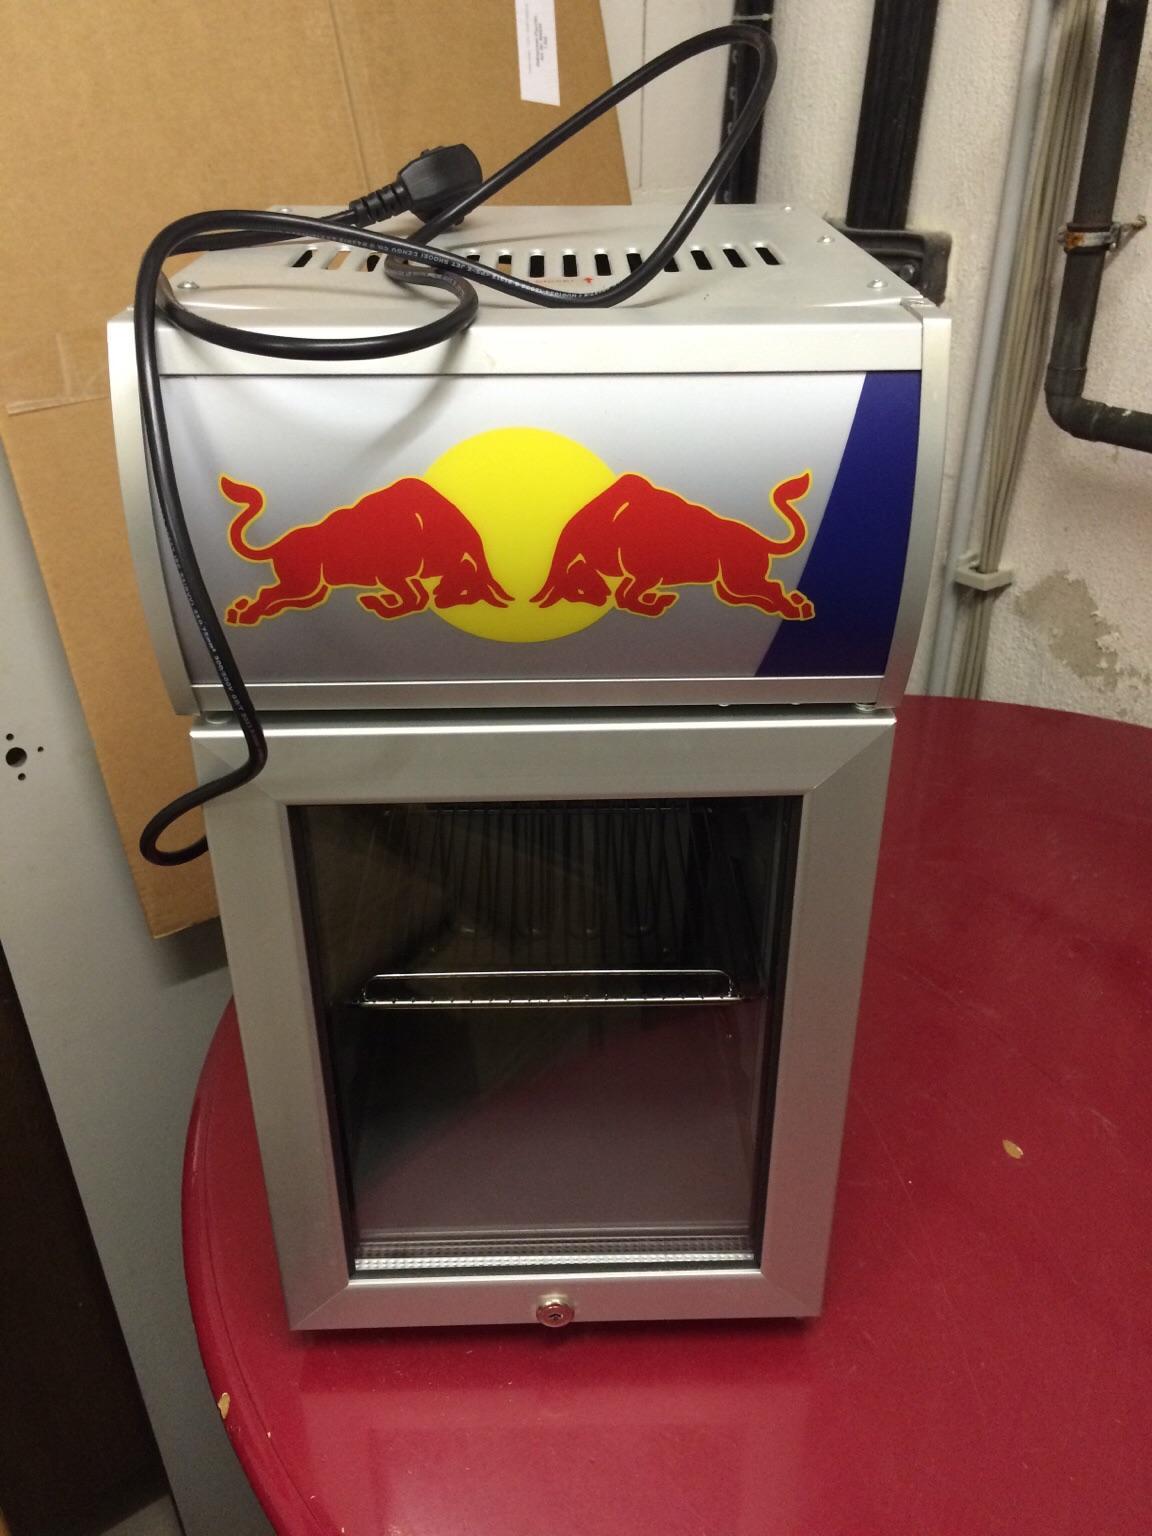 Kleiner Kühlschrank Red Bull : Gebraucht red bull mini kühlschrank baby cooler gastro in